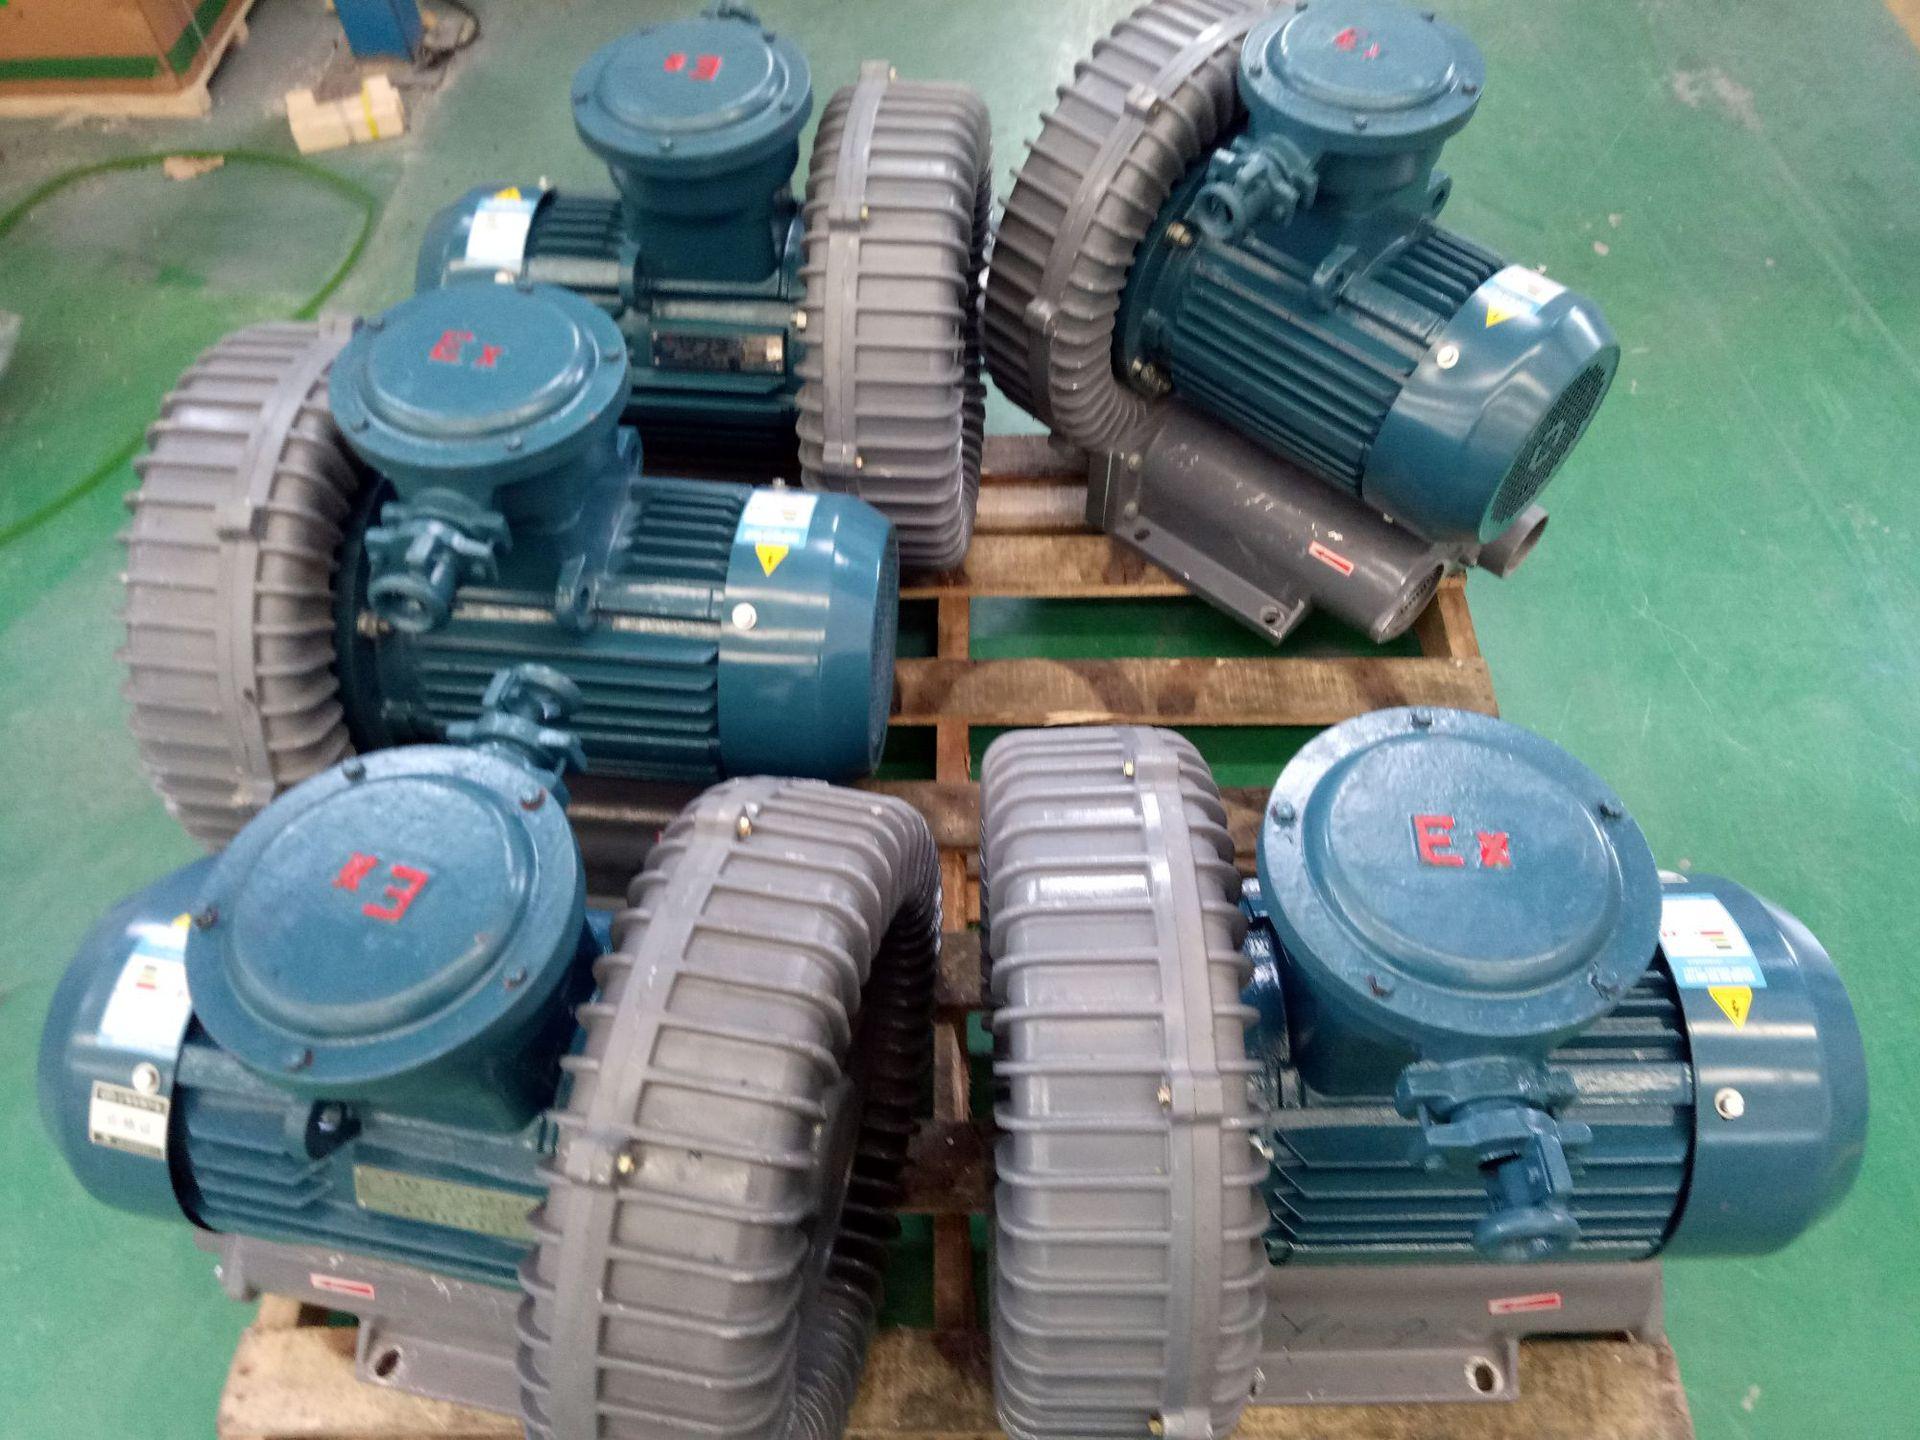 哈尔滨油气输送防爆高压风机 FB-25油气输送防爆高压风机 厂家防爆风机示例图11